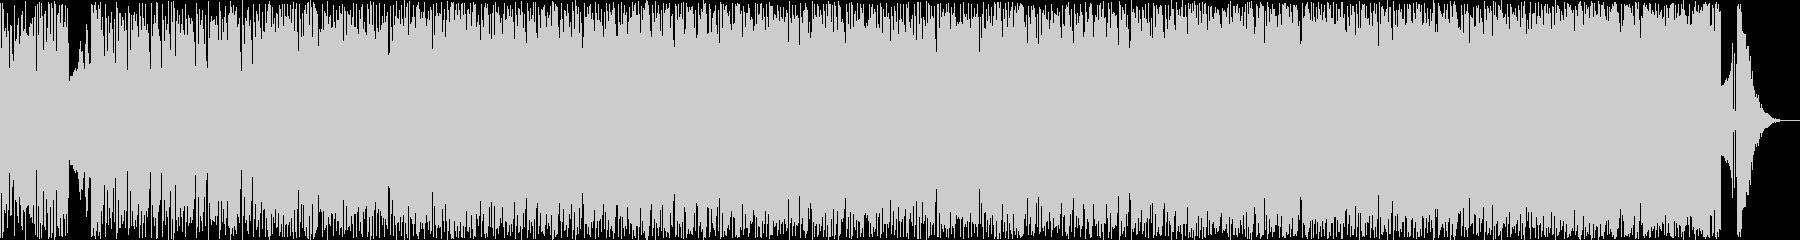 どこか懐かしい4ツ打ちデジタルサウンドの未再生の波形